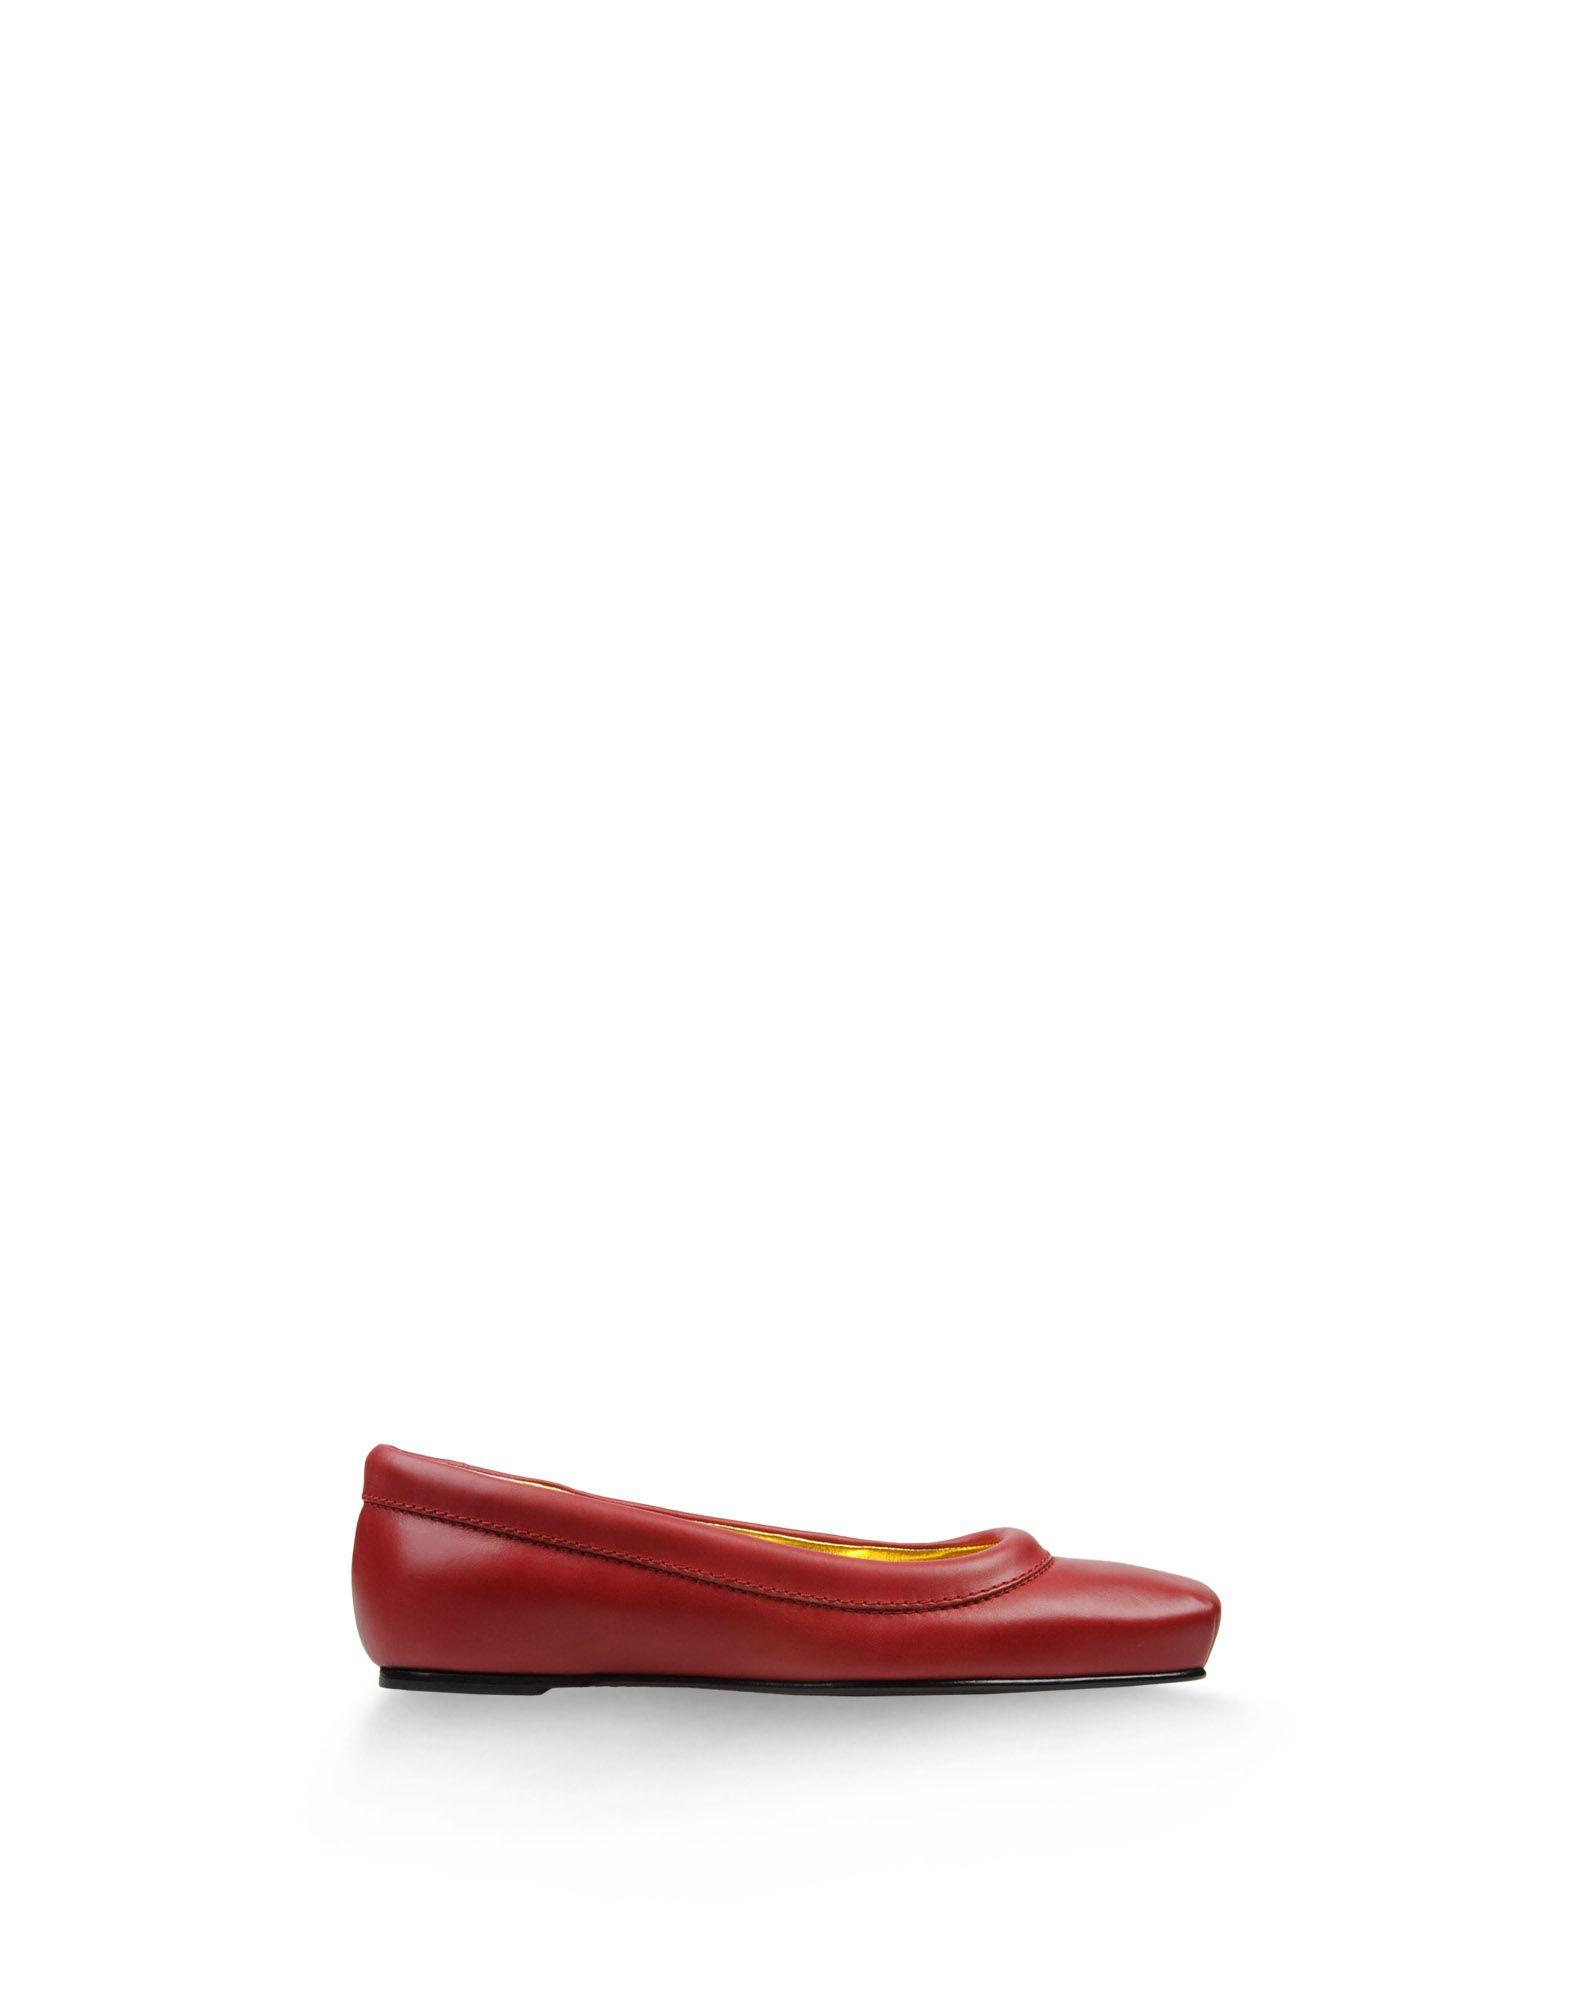 Ballerinas - JIL SANDER NAVY Online Store